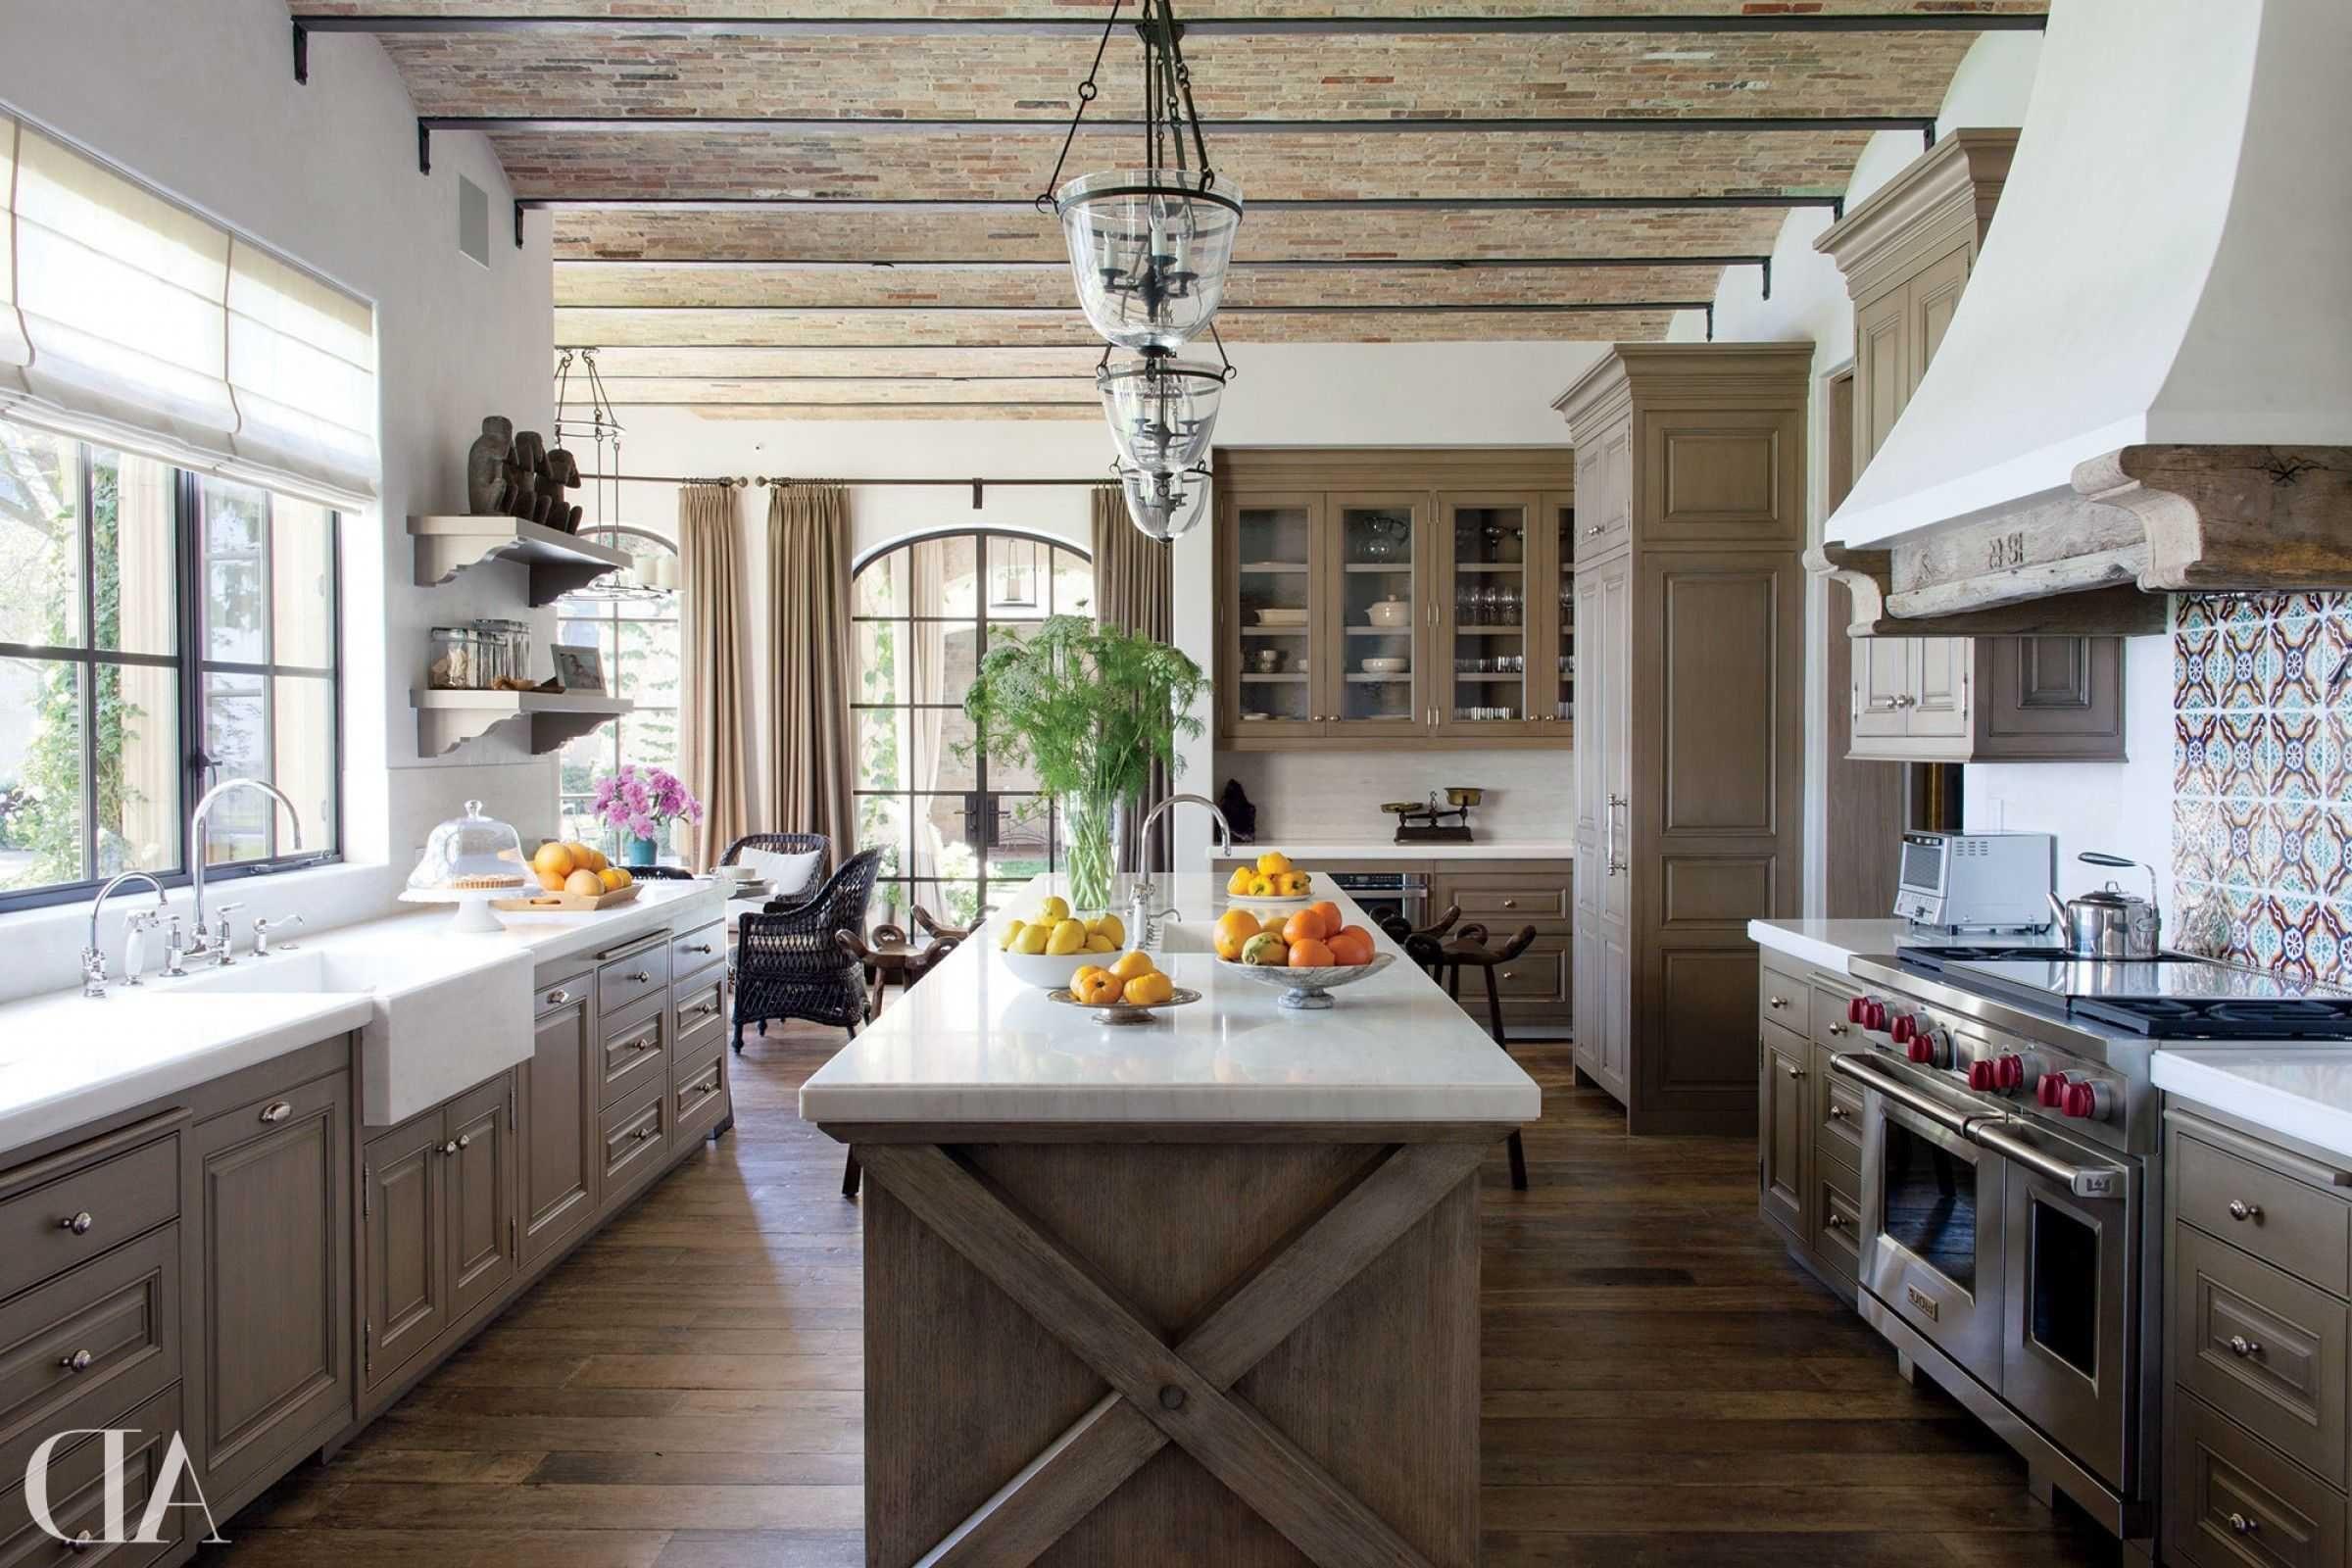 joanna gaines modern farmhouse kitchen best of joanna gaines modern farmhouse kitchen on farmhouse kitchen joanna gaines design id=51252